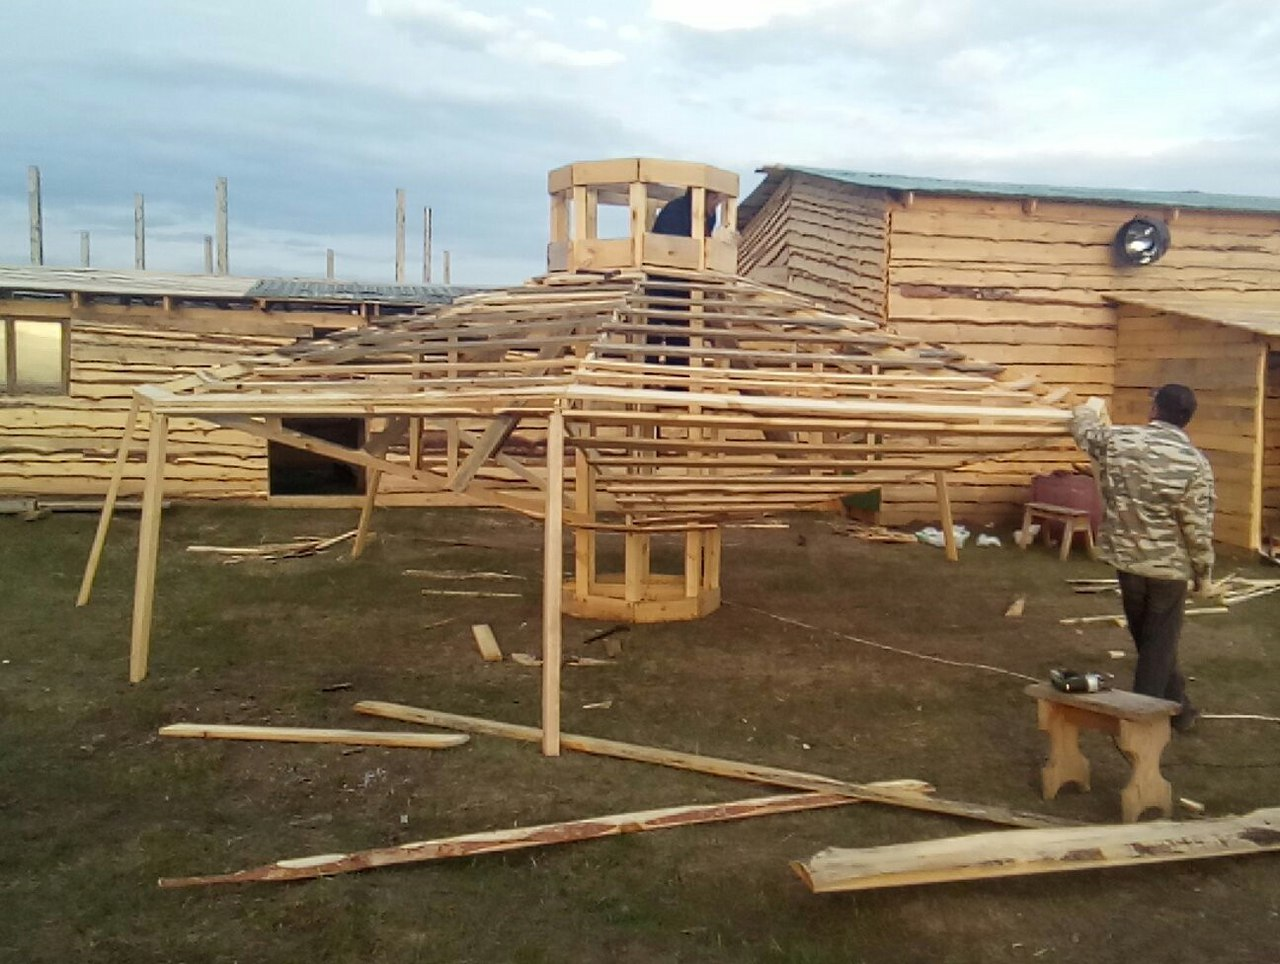 Тольяттинский фермер готовится покорить космос на деревянной летающей тарелке